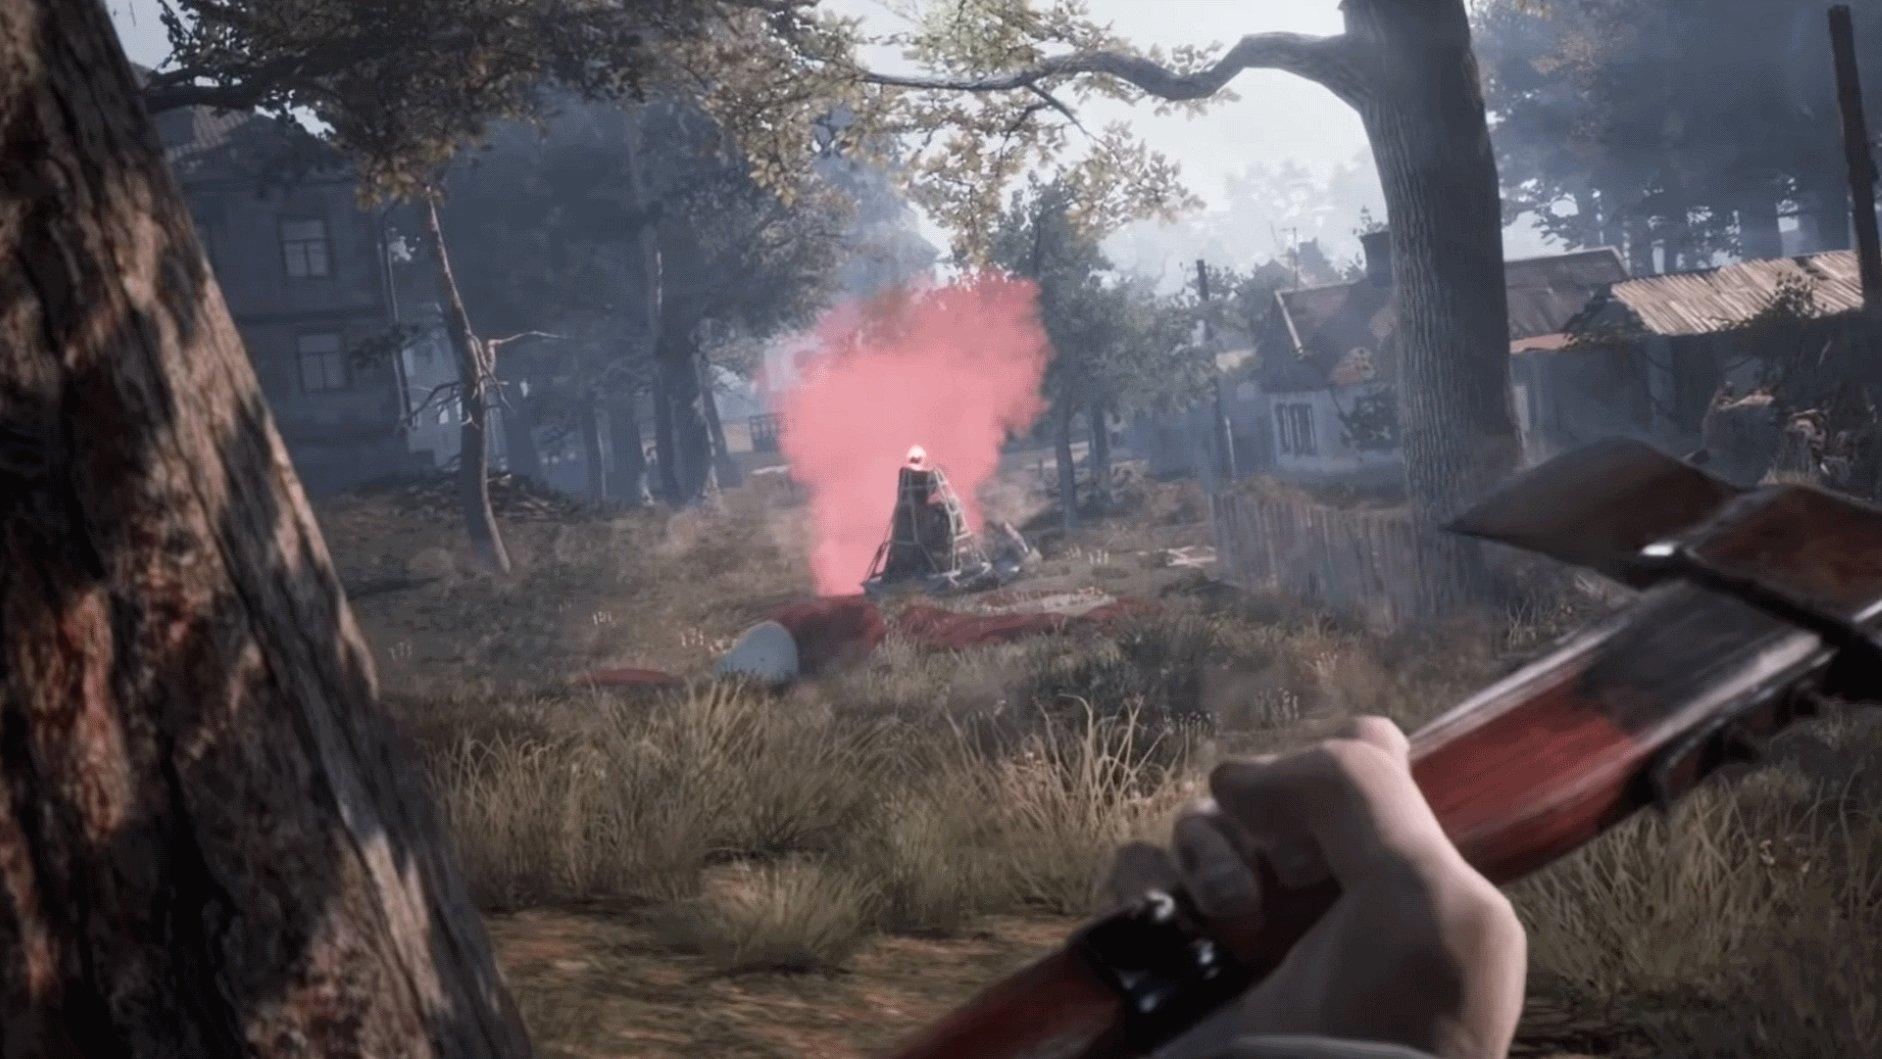 Les premières images de Battle Royale, Fear The Wolves, inspirée par Stalker, apparaissent.